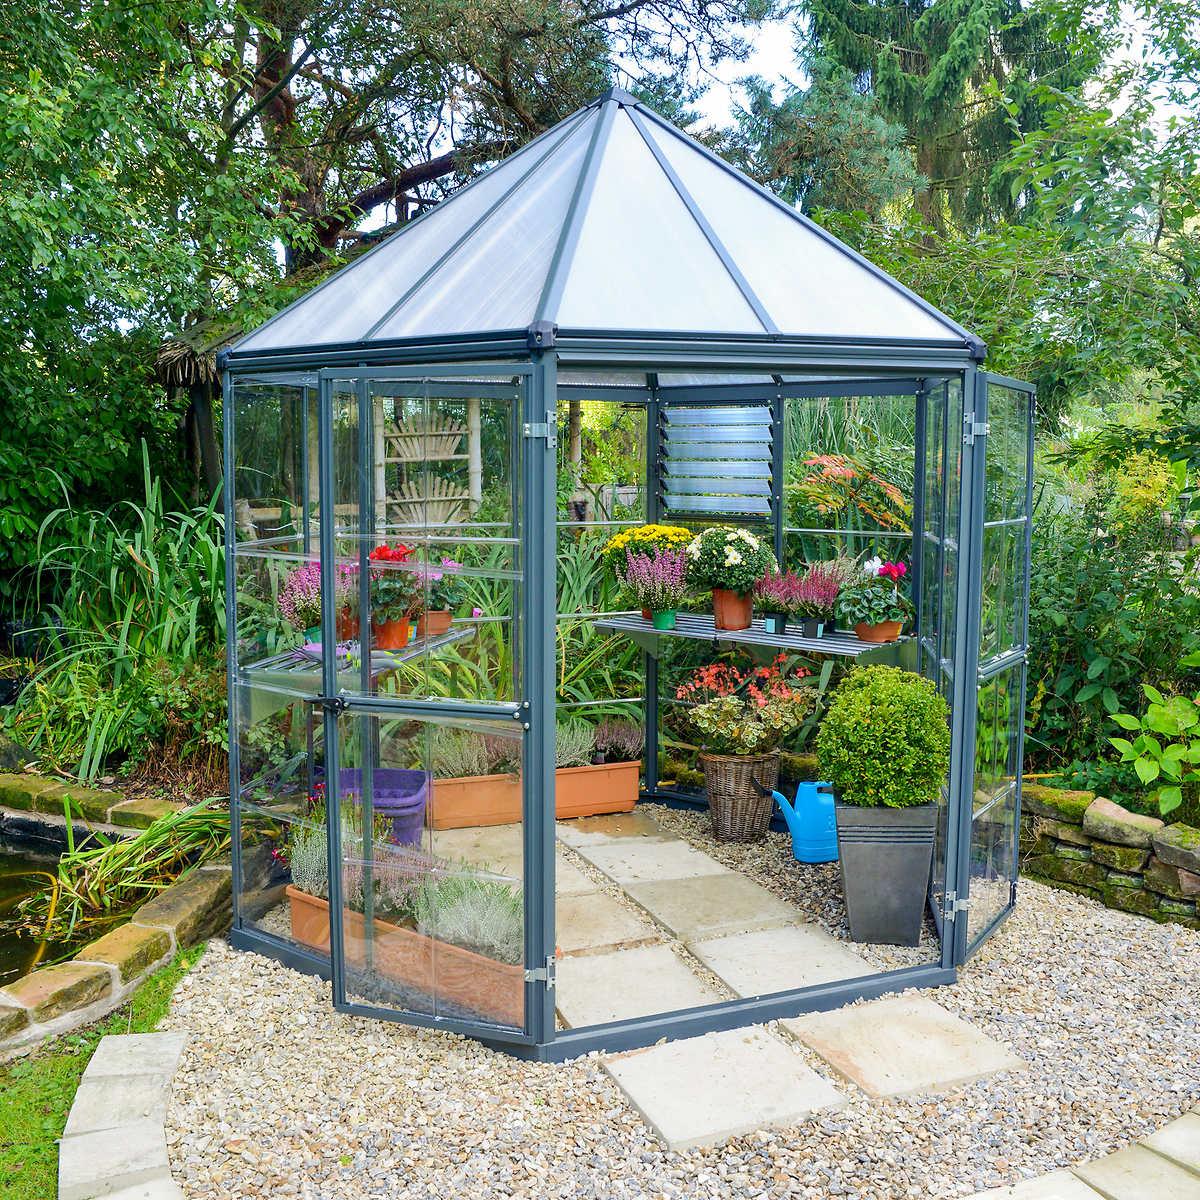 harmony 6 u0027 x 8 u0027 greenhouse with starter kit